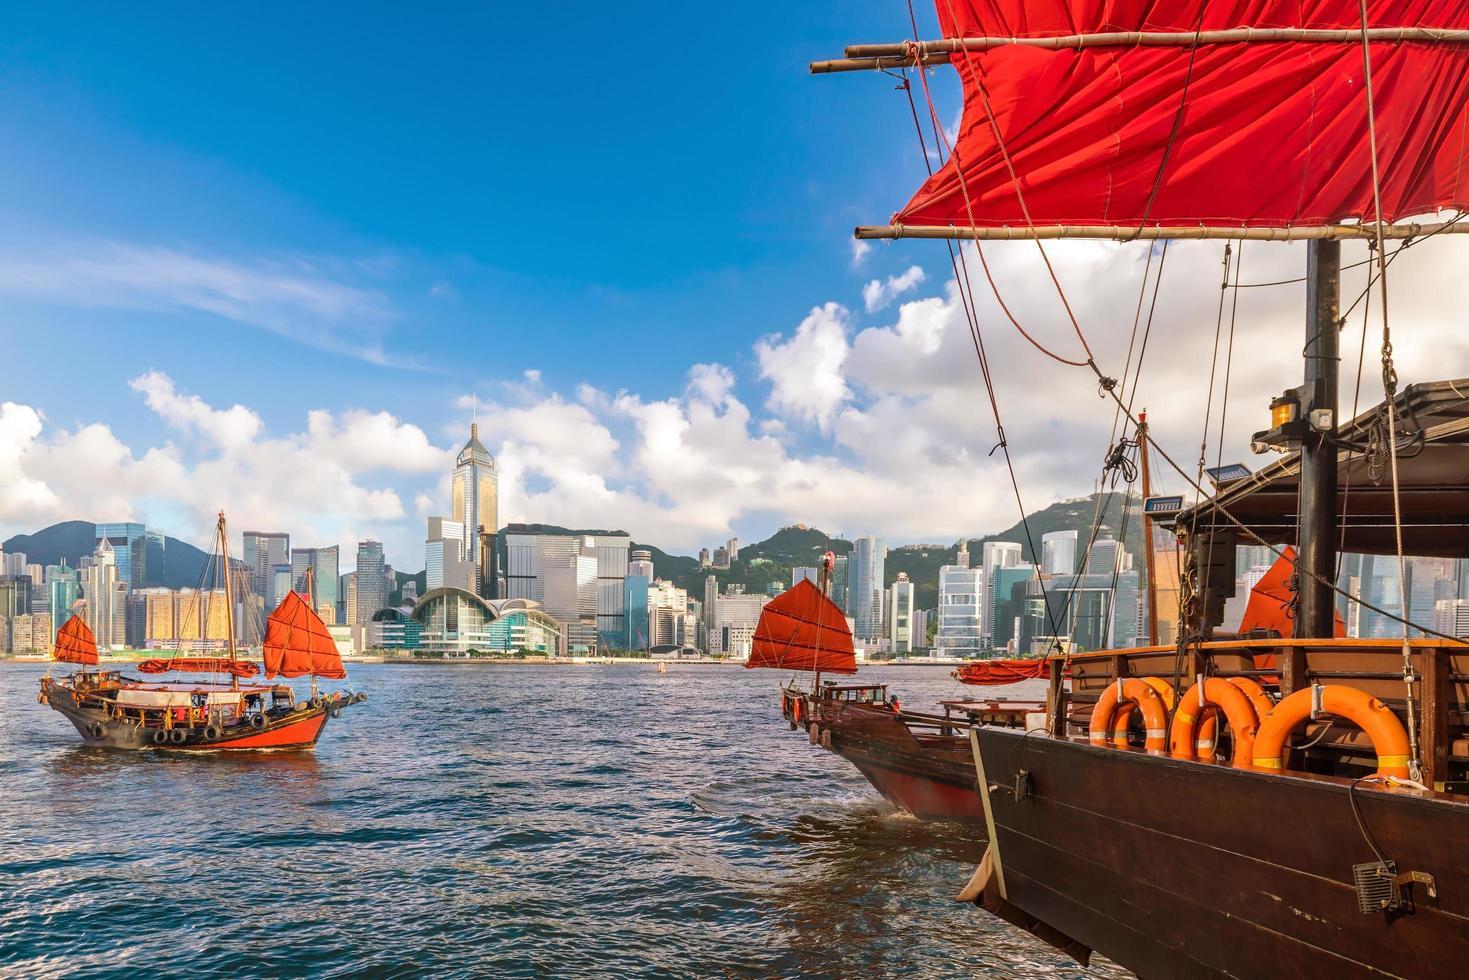 porto de victoria em hong kong com navio vintage foto